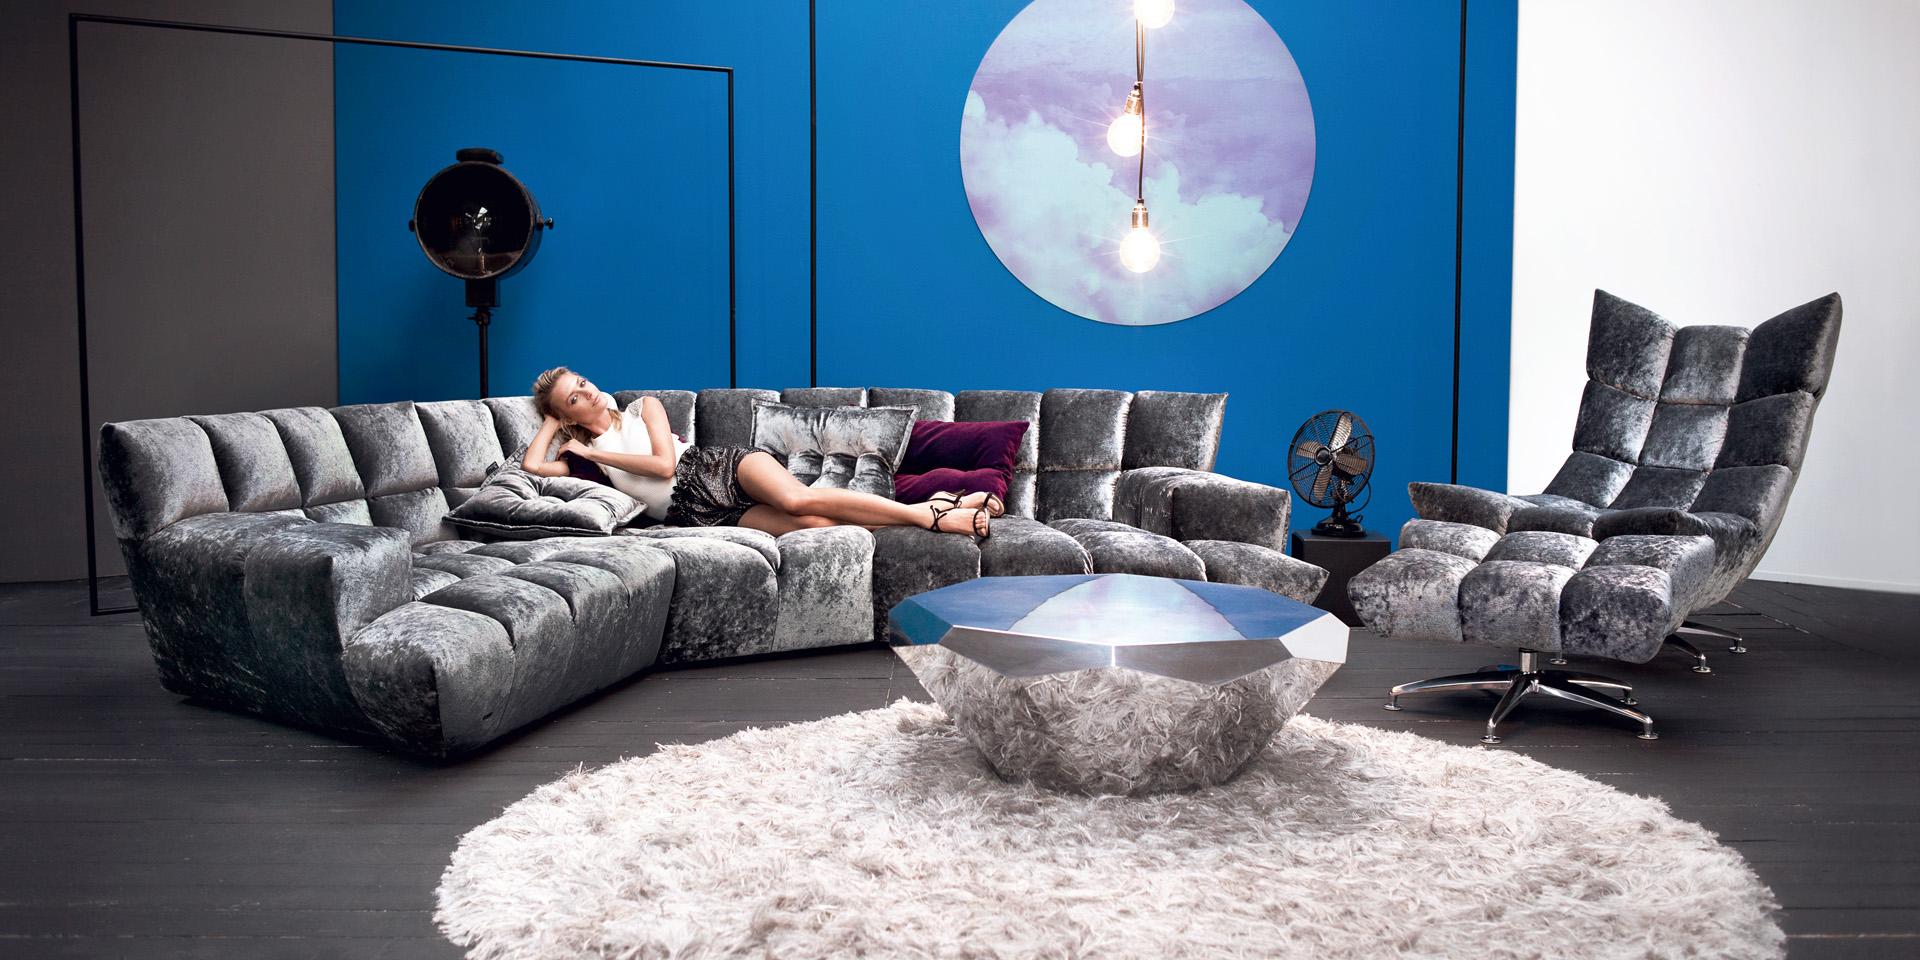 bretz bei fenchel wohnfaszination gmbh. Black Bedroom Furniture Sets. Home Design Ideas